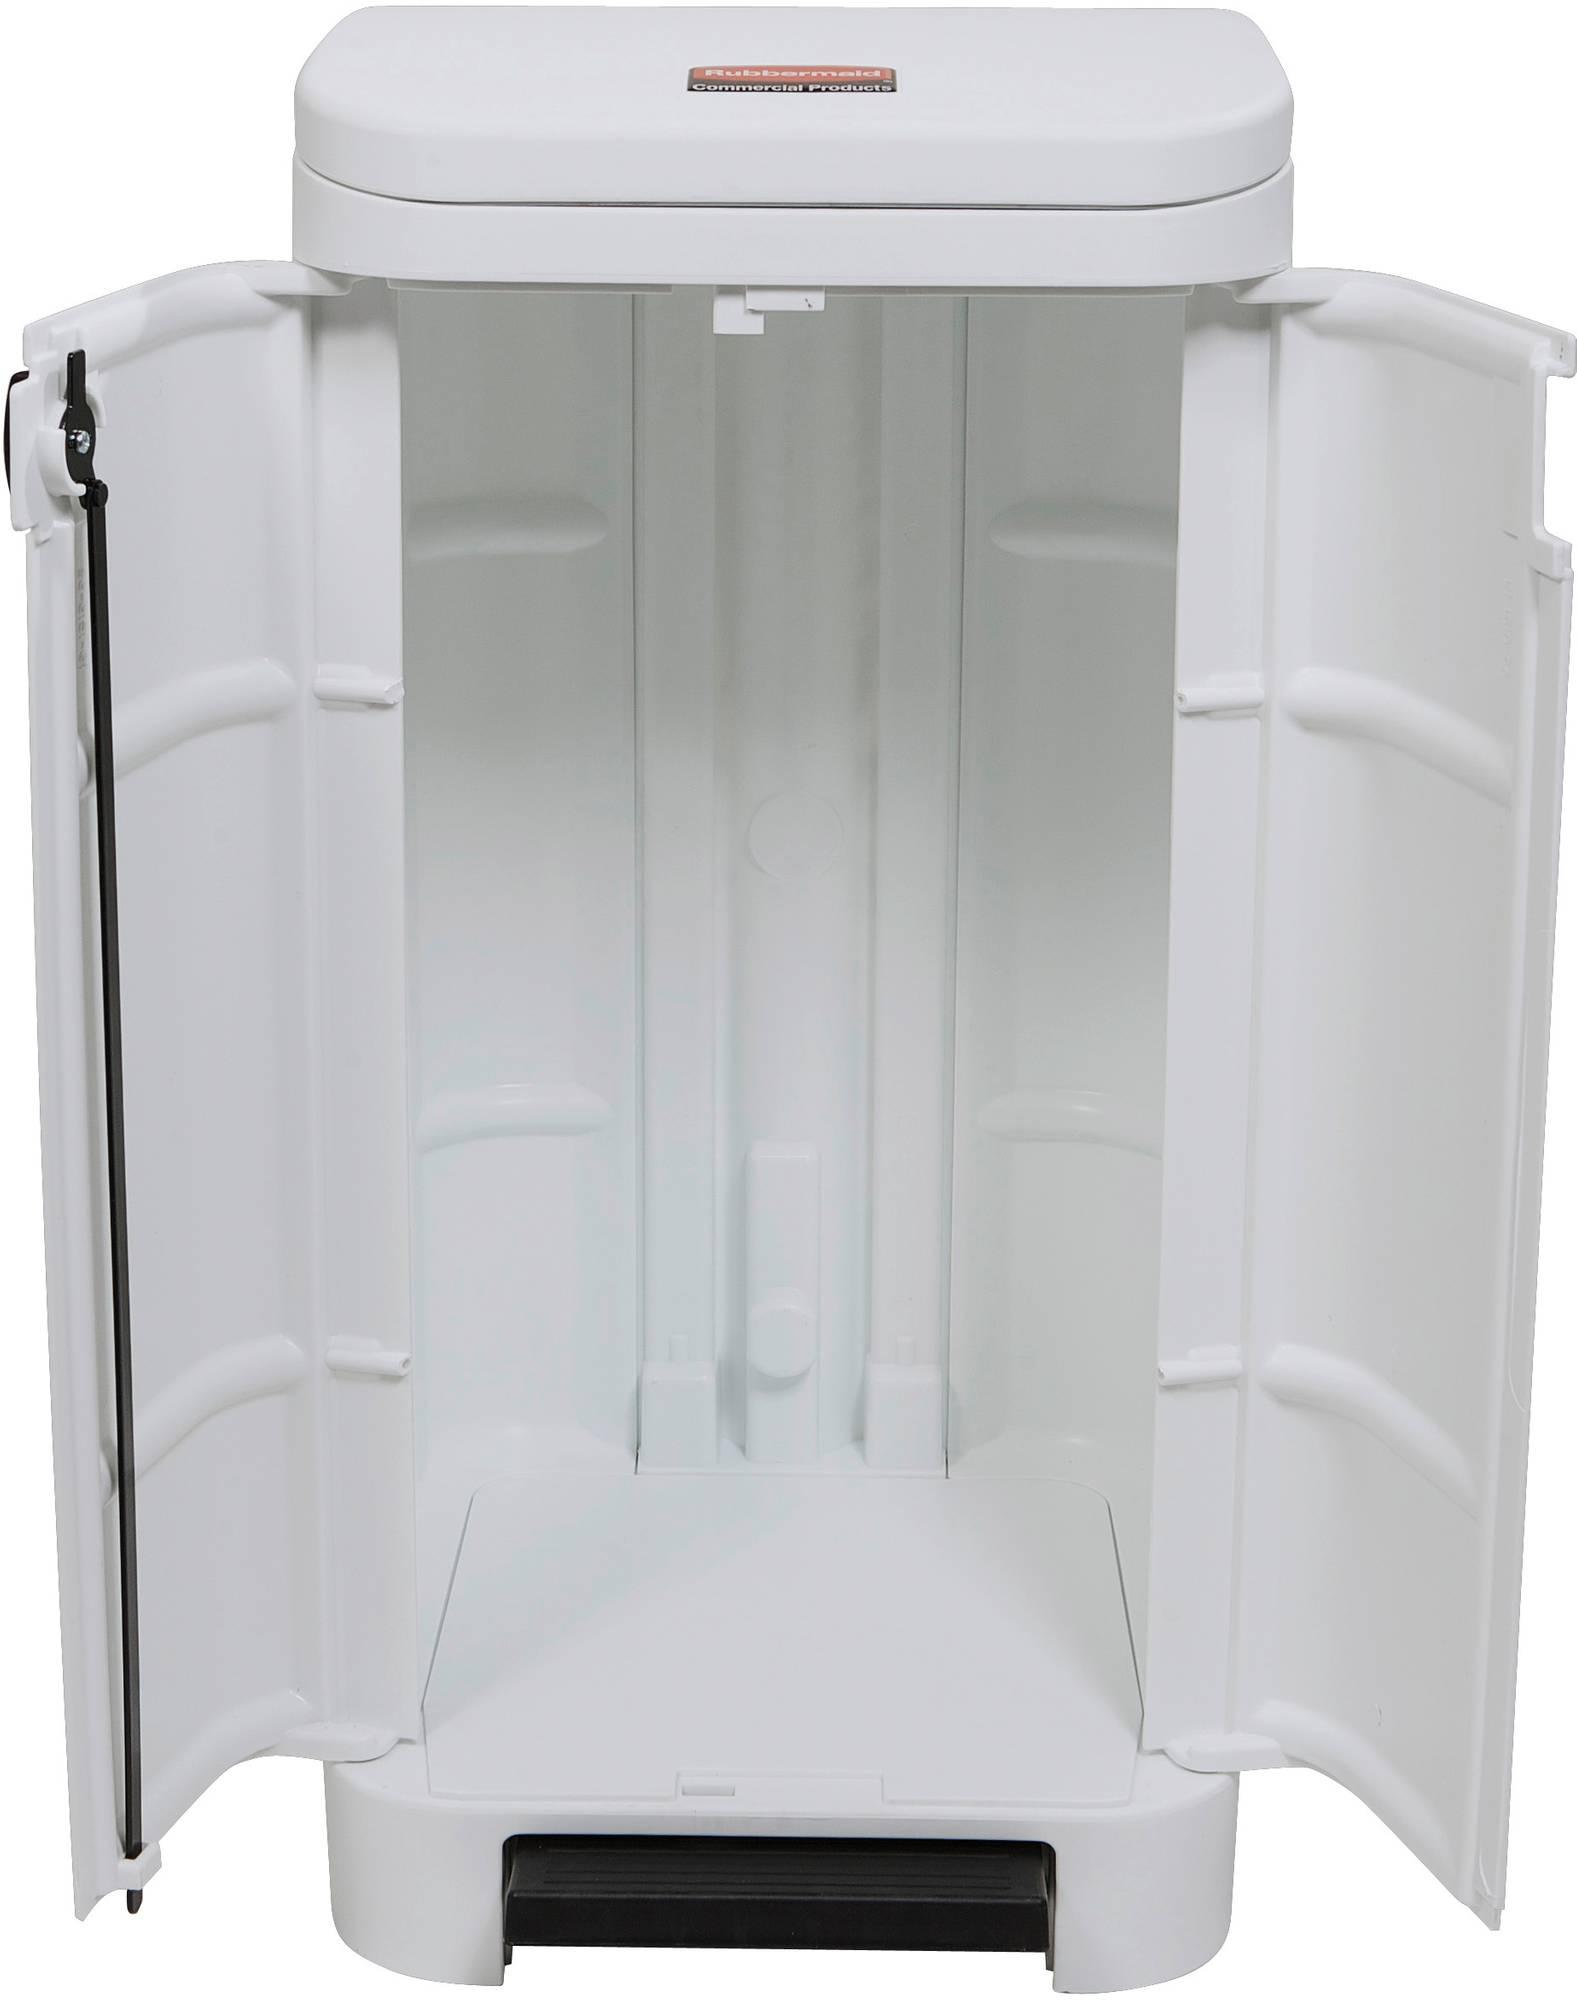 Weißer Rubbermaid Step-On Best Tritt-Mülleimer mit 100 l Füllmenge, geöffnete Fronttüren